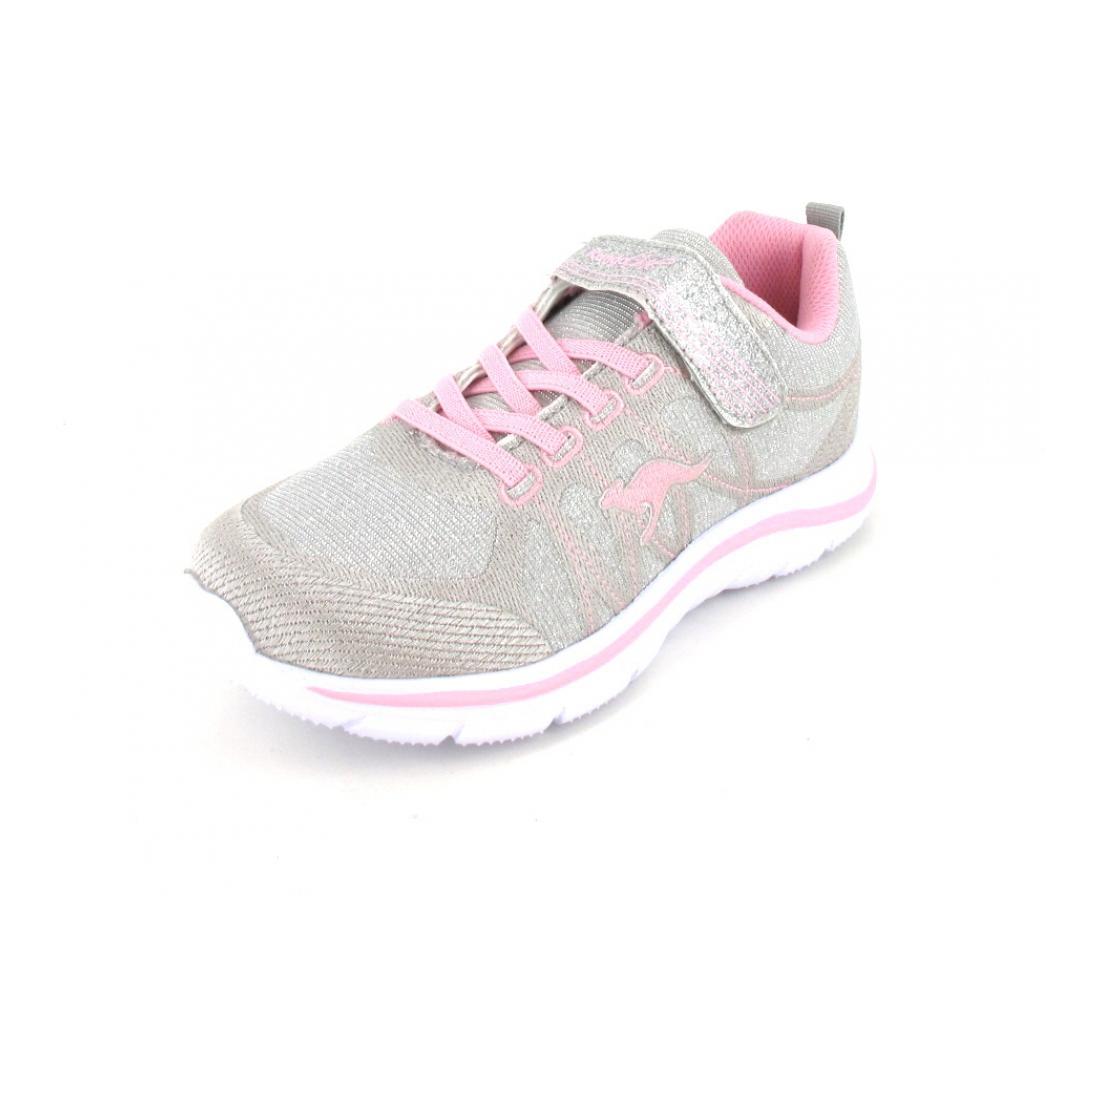 KangaRoos Sneaker Kanga Girl